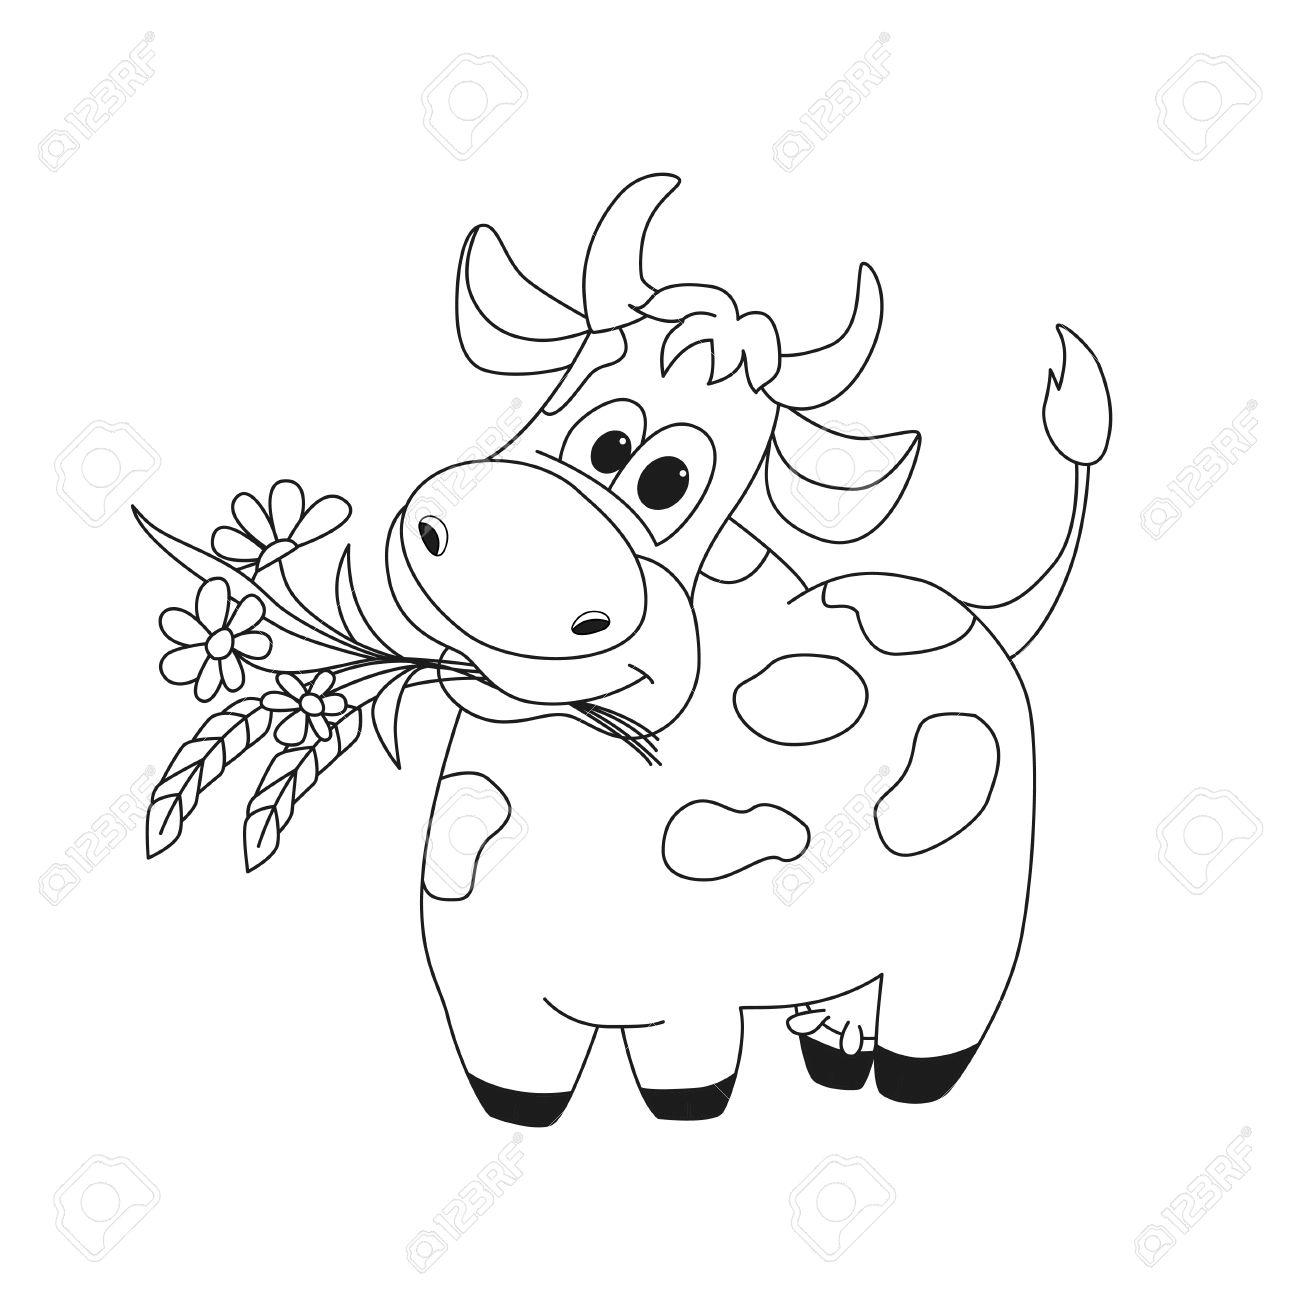 Ilustración Esquema De Vaca Linda Con Flores. Ilustración Del ...